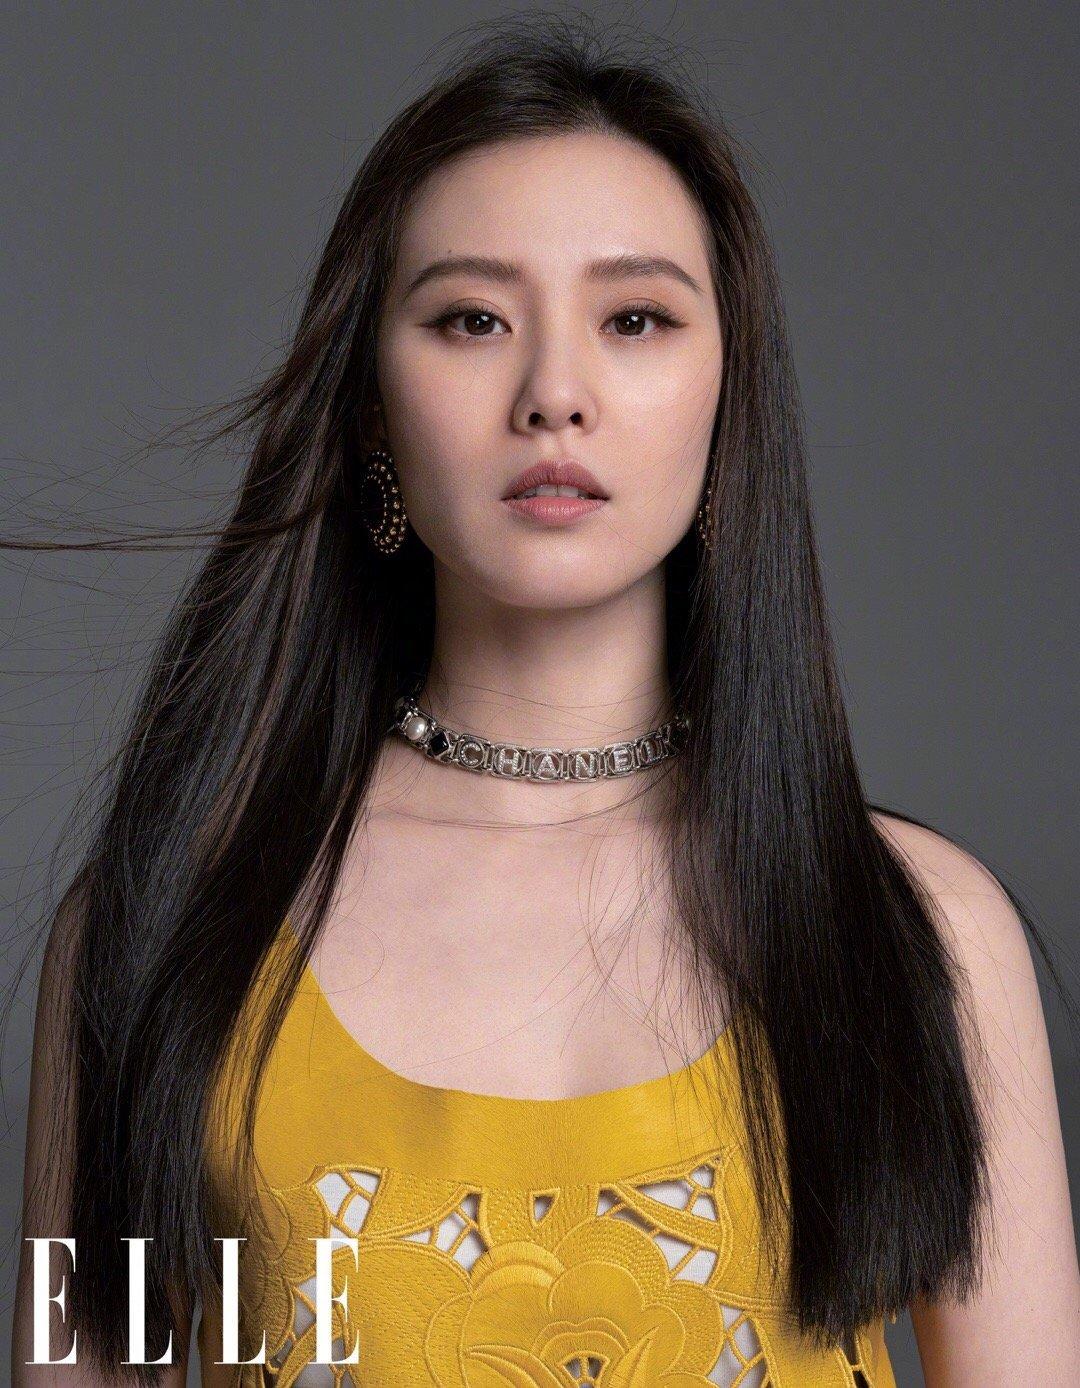 刘诗诗 x ELLE 5月刊封面,裸妆更突出恬静气质的五官